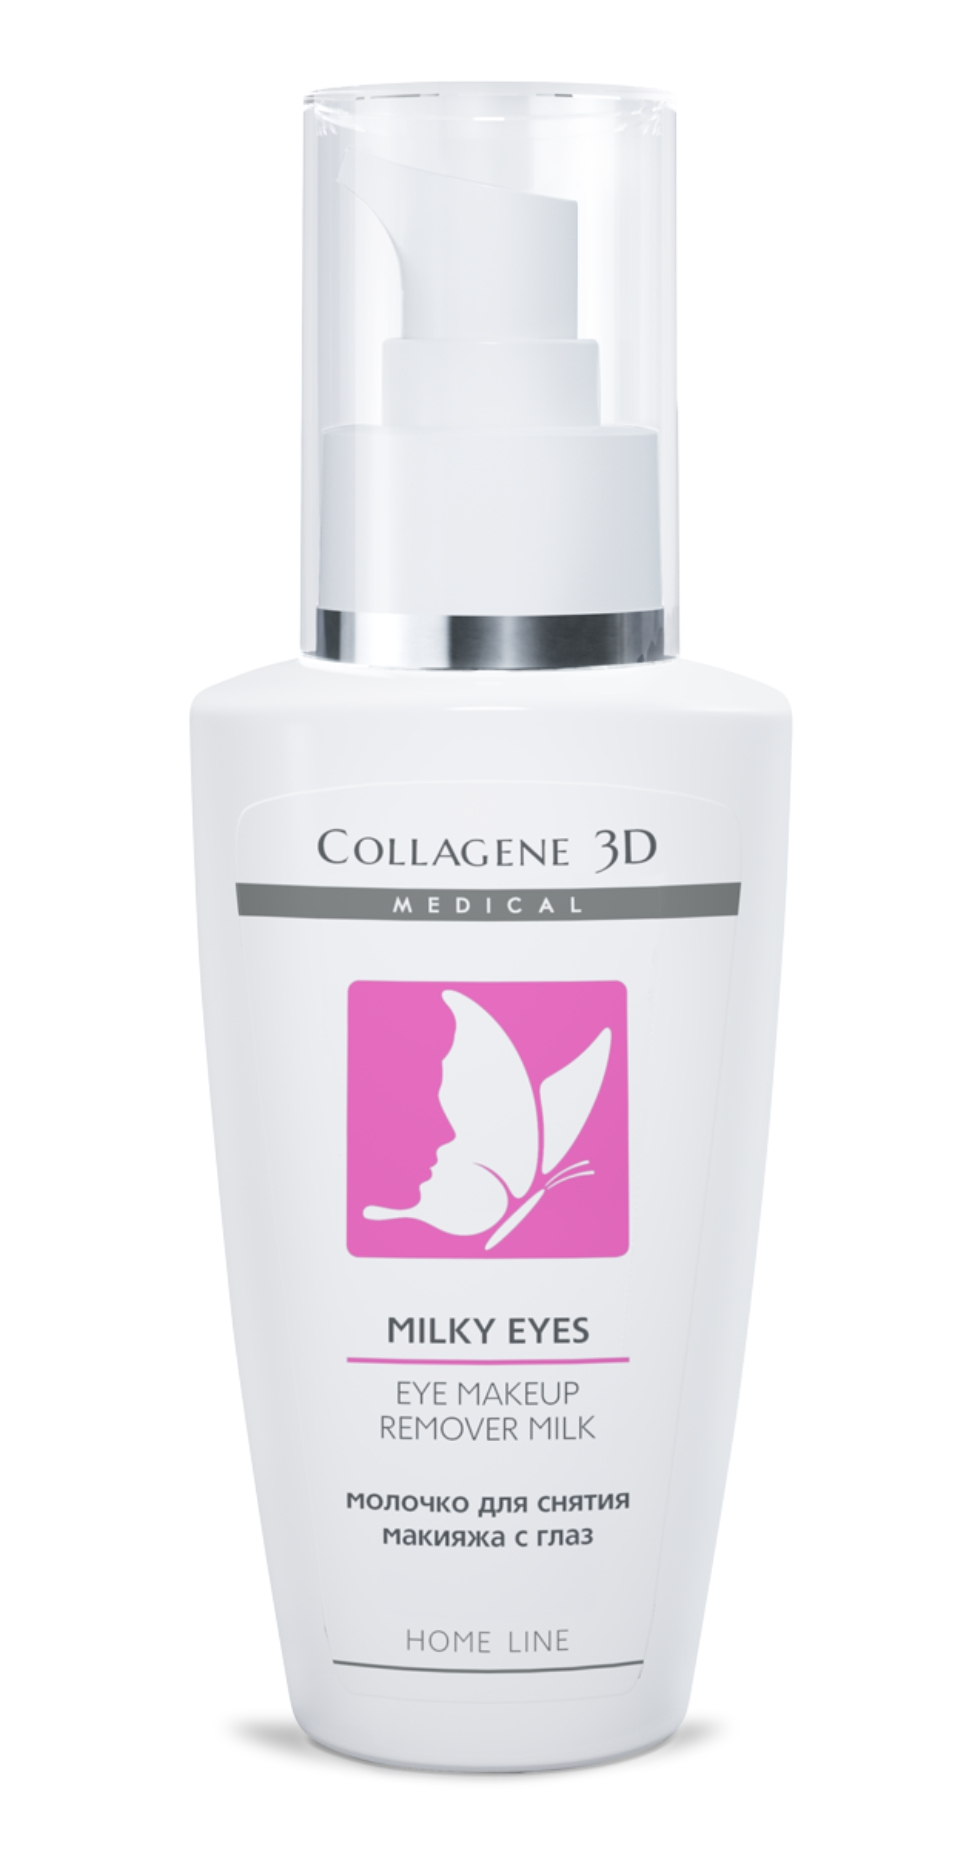 """MEDICAL COLLAGENE 3D Молочко очищающее для глаз """"Milky Eyes"""" 125мл недорого"""